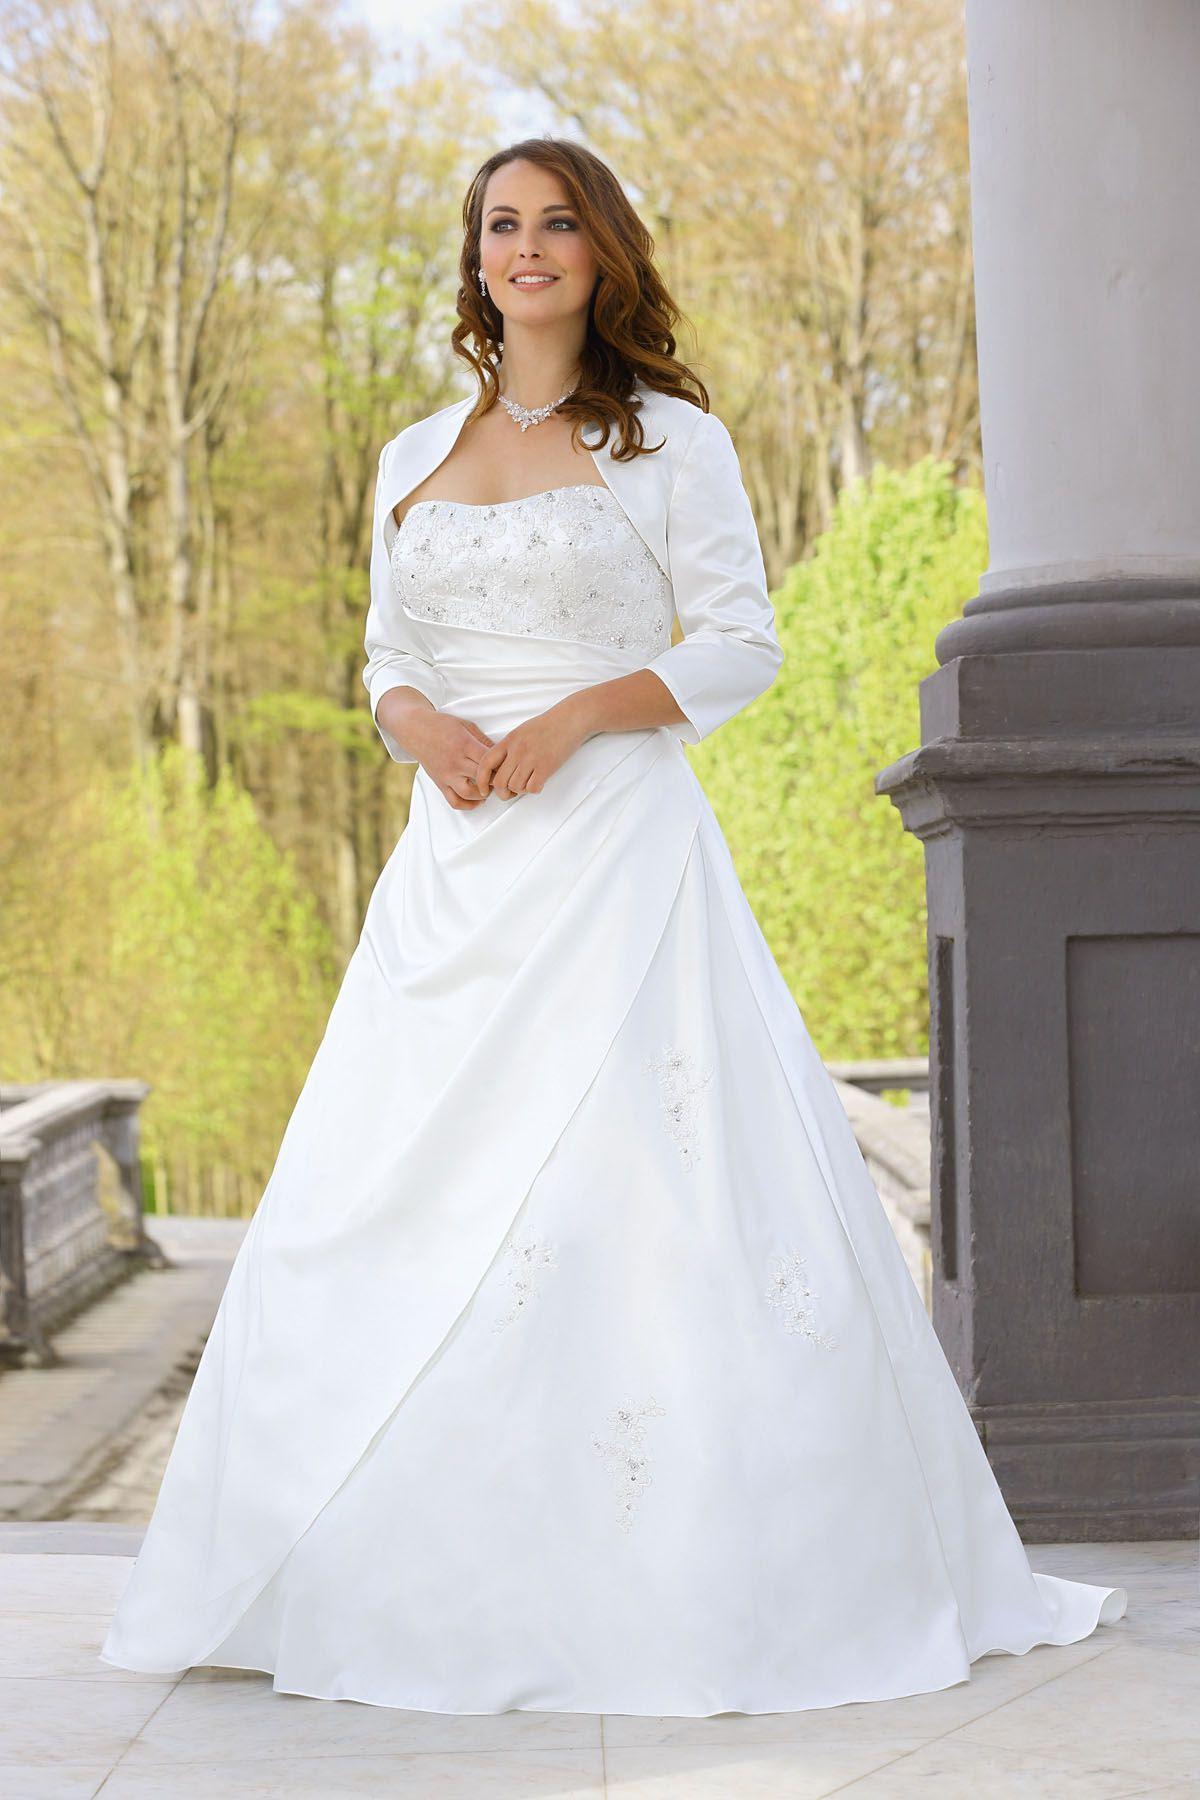 Brautkleid Aus Der Ladybird Brautmoden Kollektion 2015